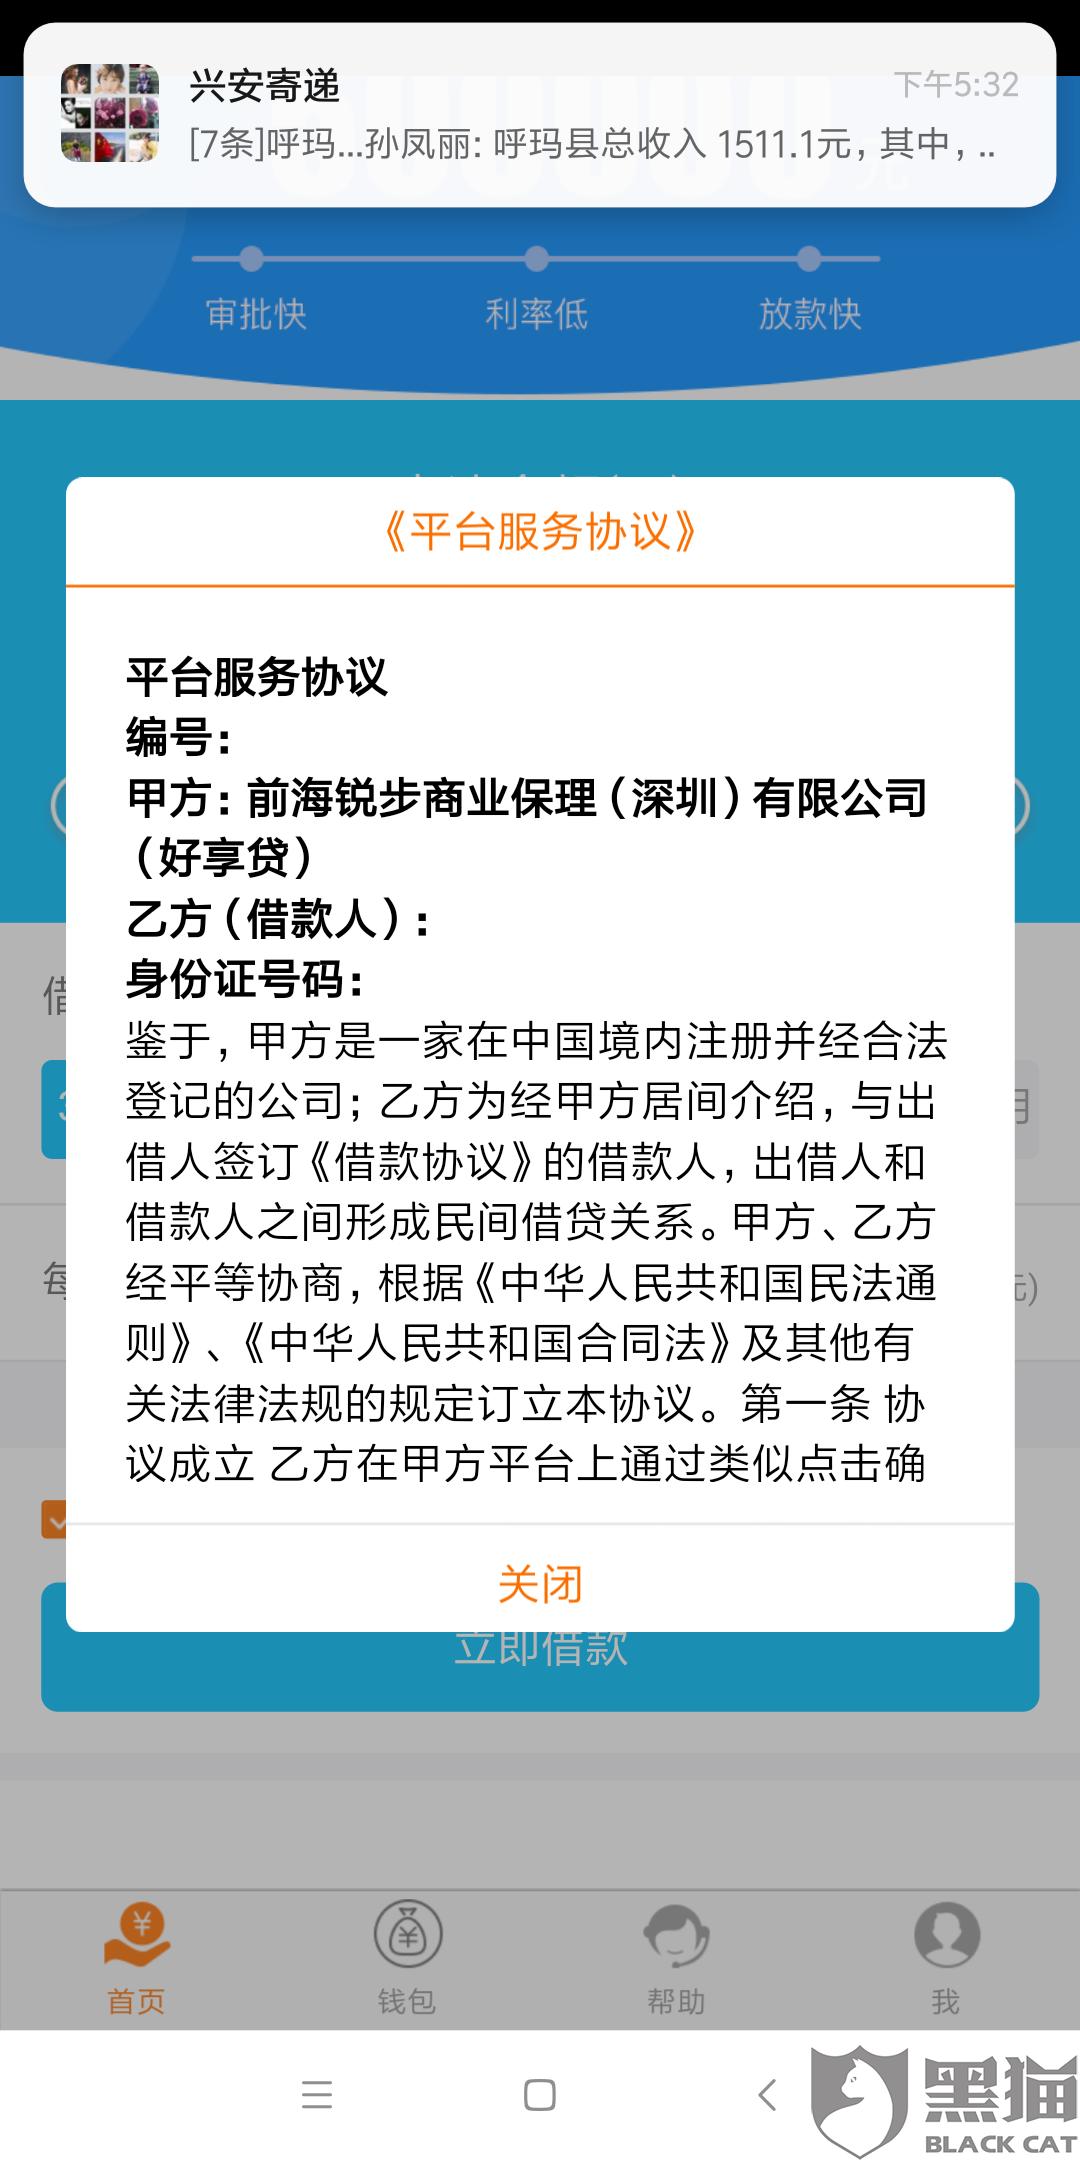 黑猫投诉:前海锐步商业保深圳公司 (工信贷)